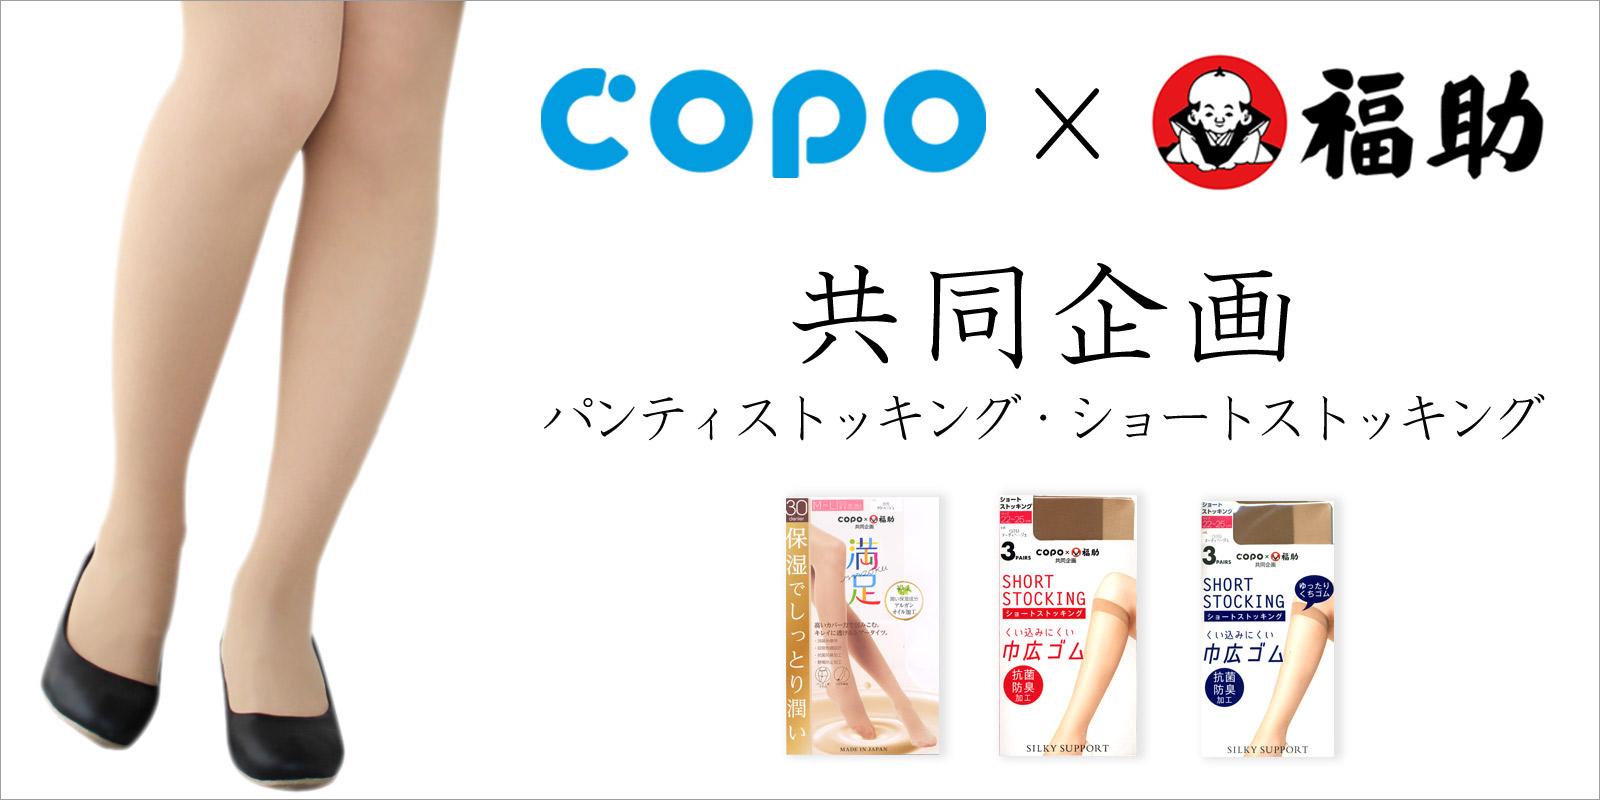 COPO×福助共同企画の写真